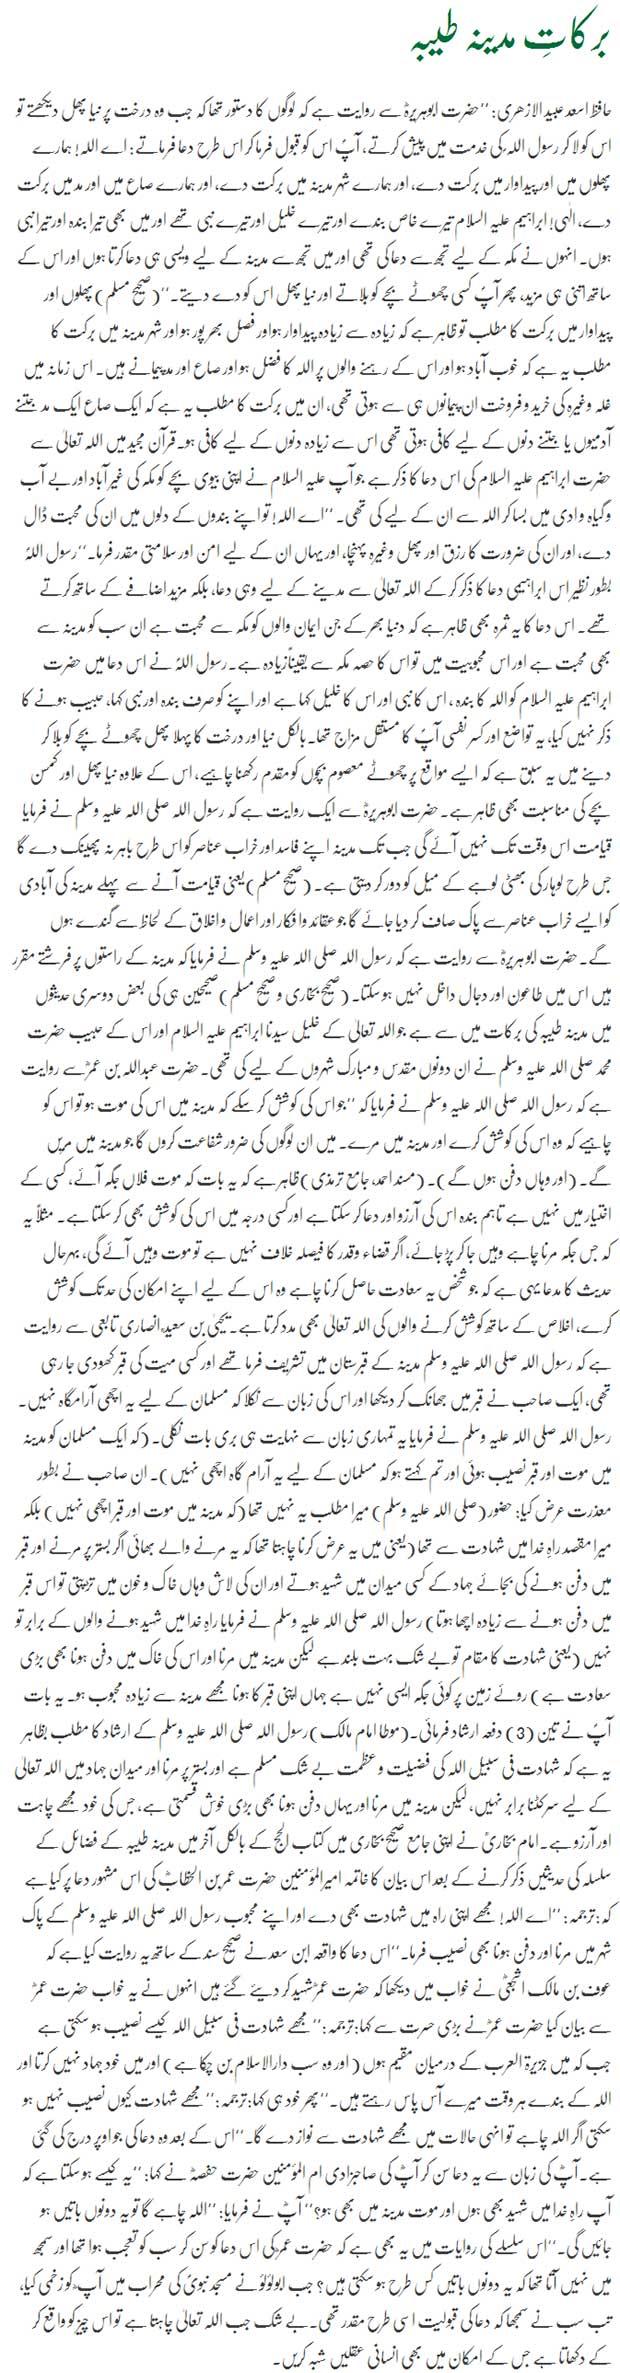 Barkat-e-Madina Tayyaba